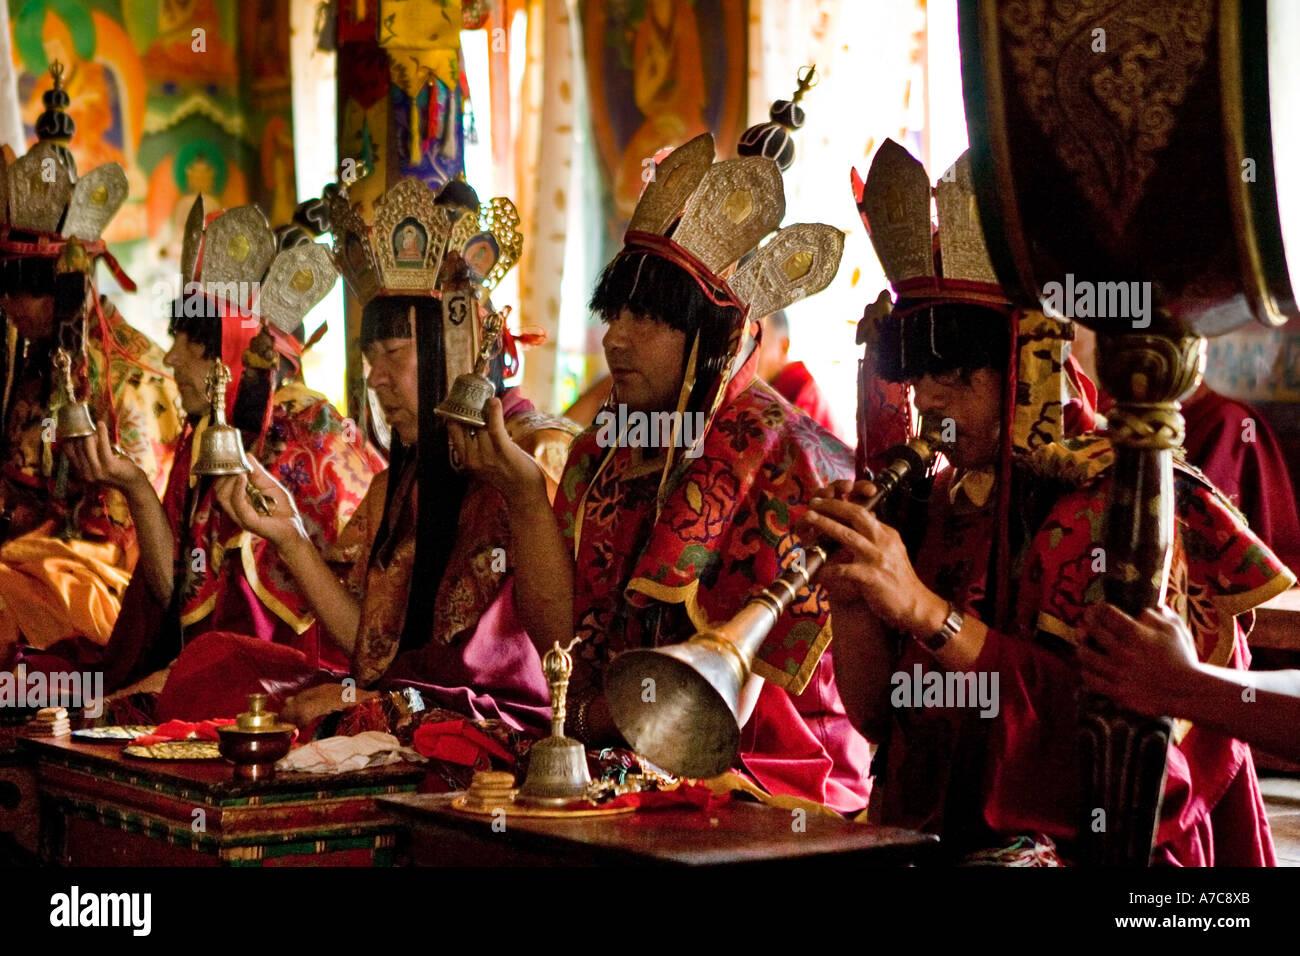 Giovani monaci e monaci dell Ordine Gelupa - Ladakh - Himalaya indiano Immagini Stock